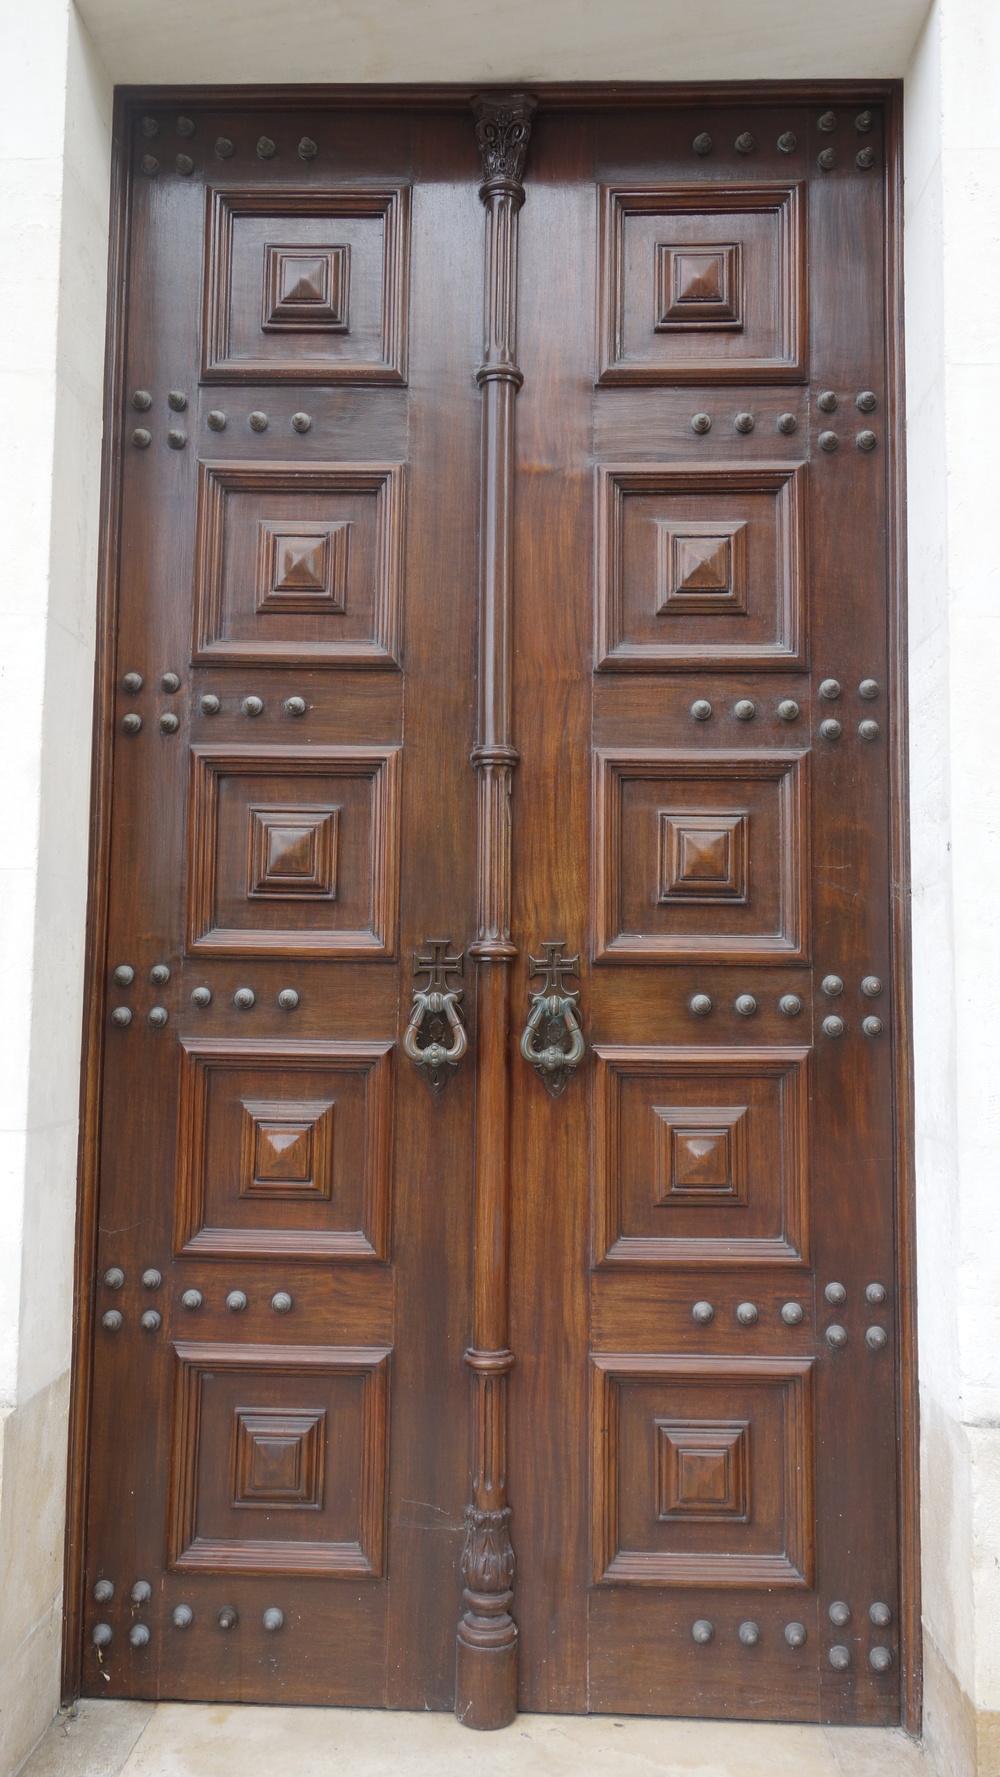 Door in Tomar, notice the Templar Cross on the knockers.